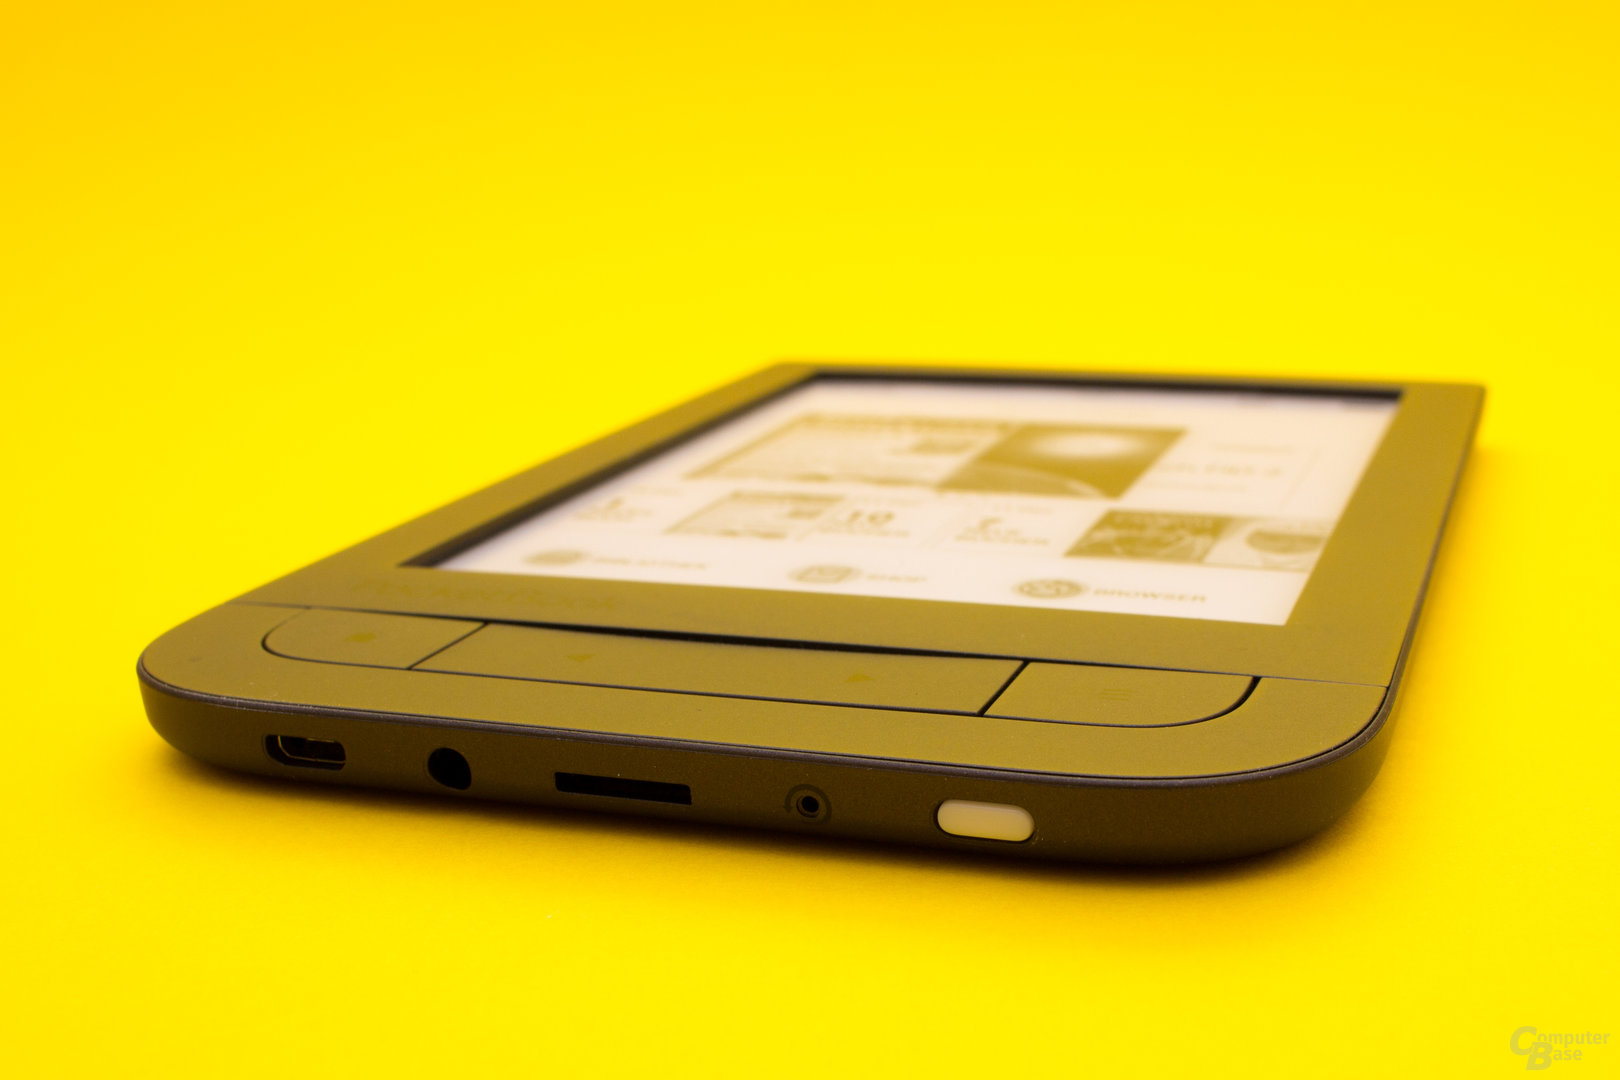 Alle benötigten Anschlüsse und Schalter finden sich unter dem E-Book-Reader